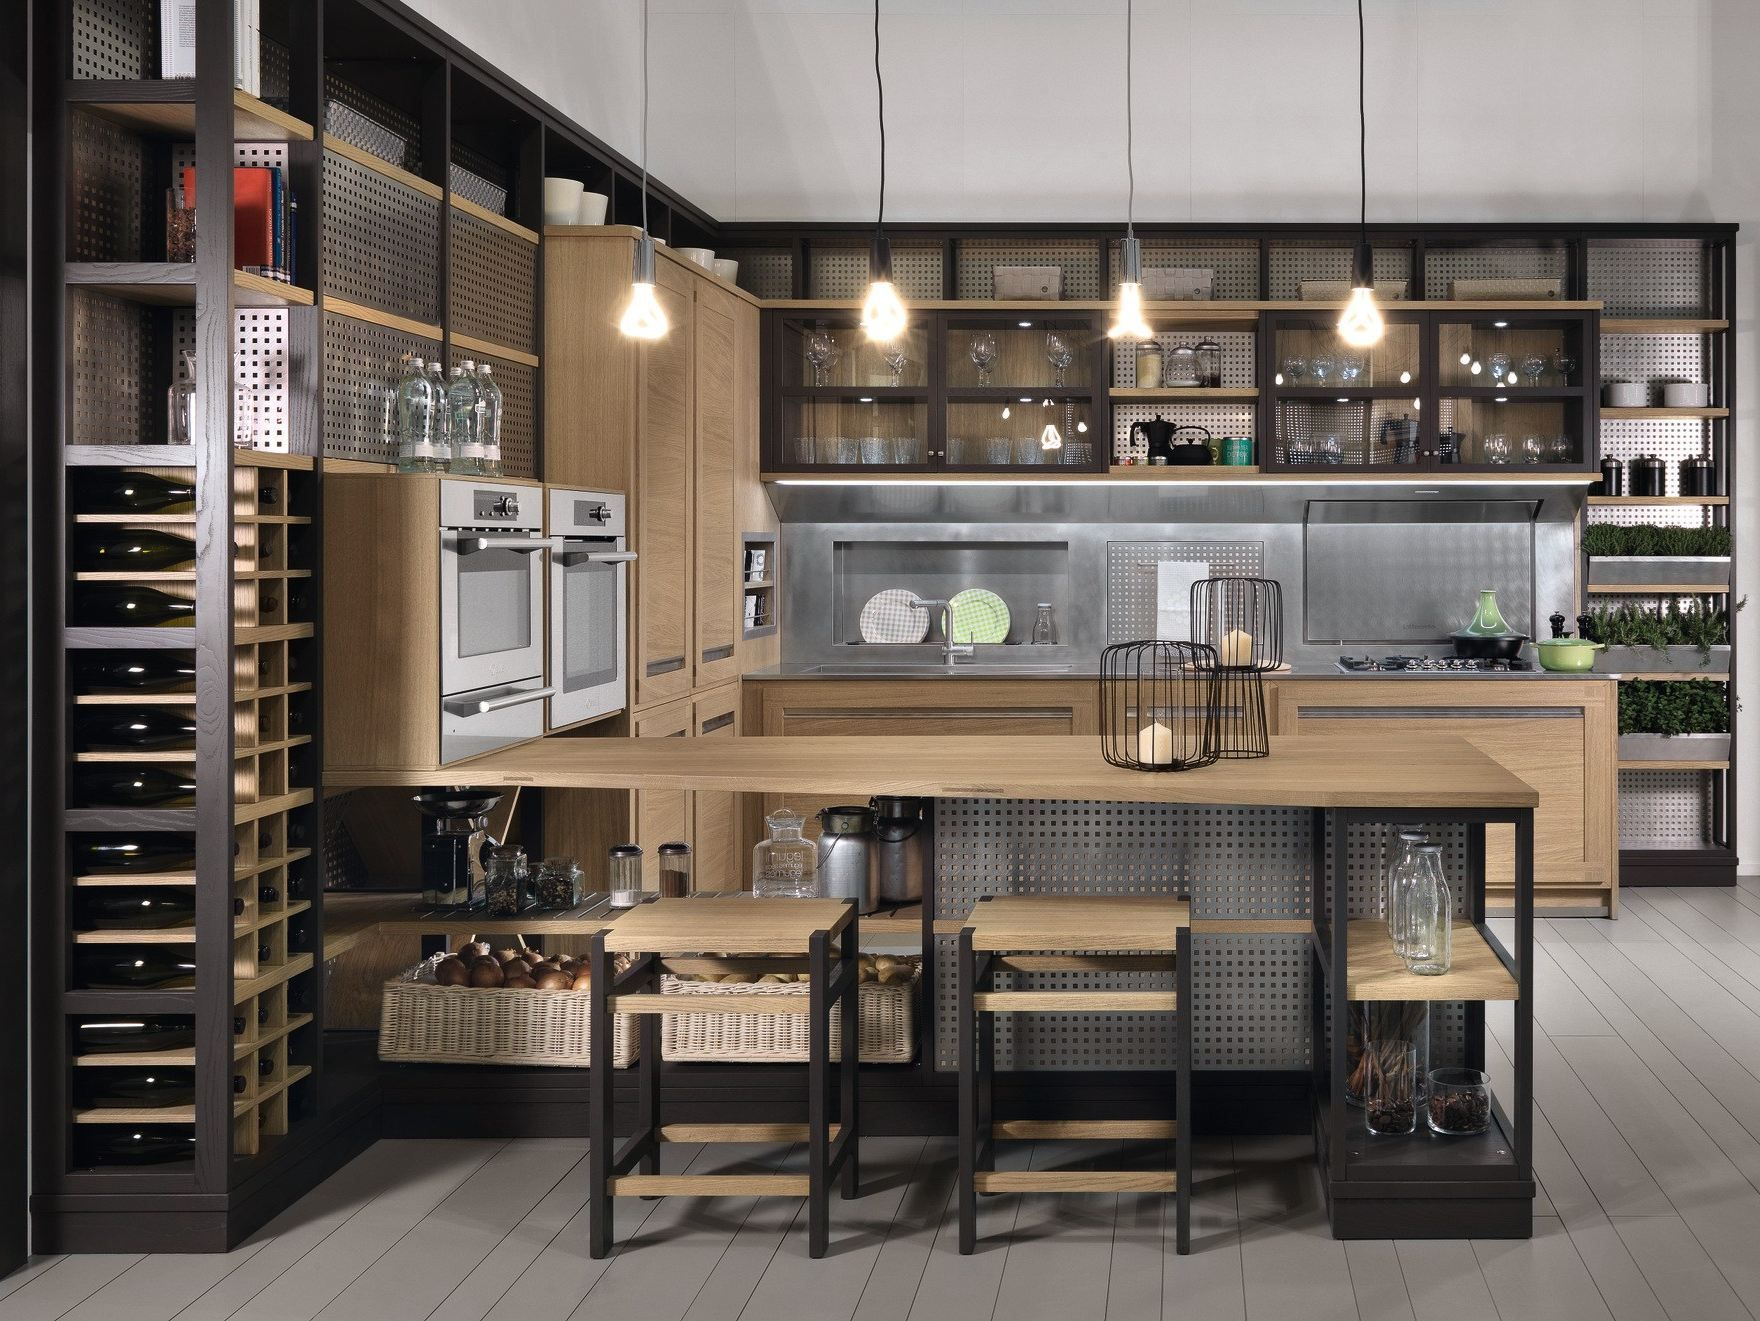 Bonito Roble Recuperada Cocinas Reino Unido Bosquejo - Ideas de ...